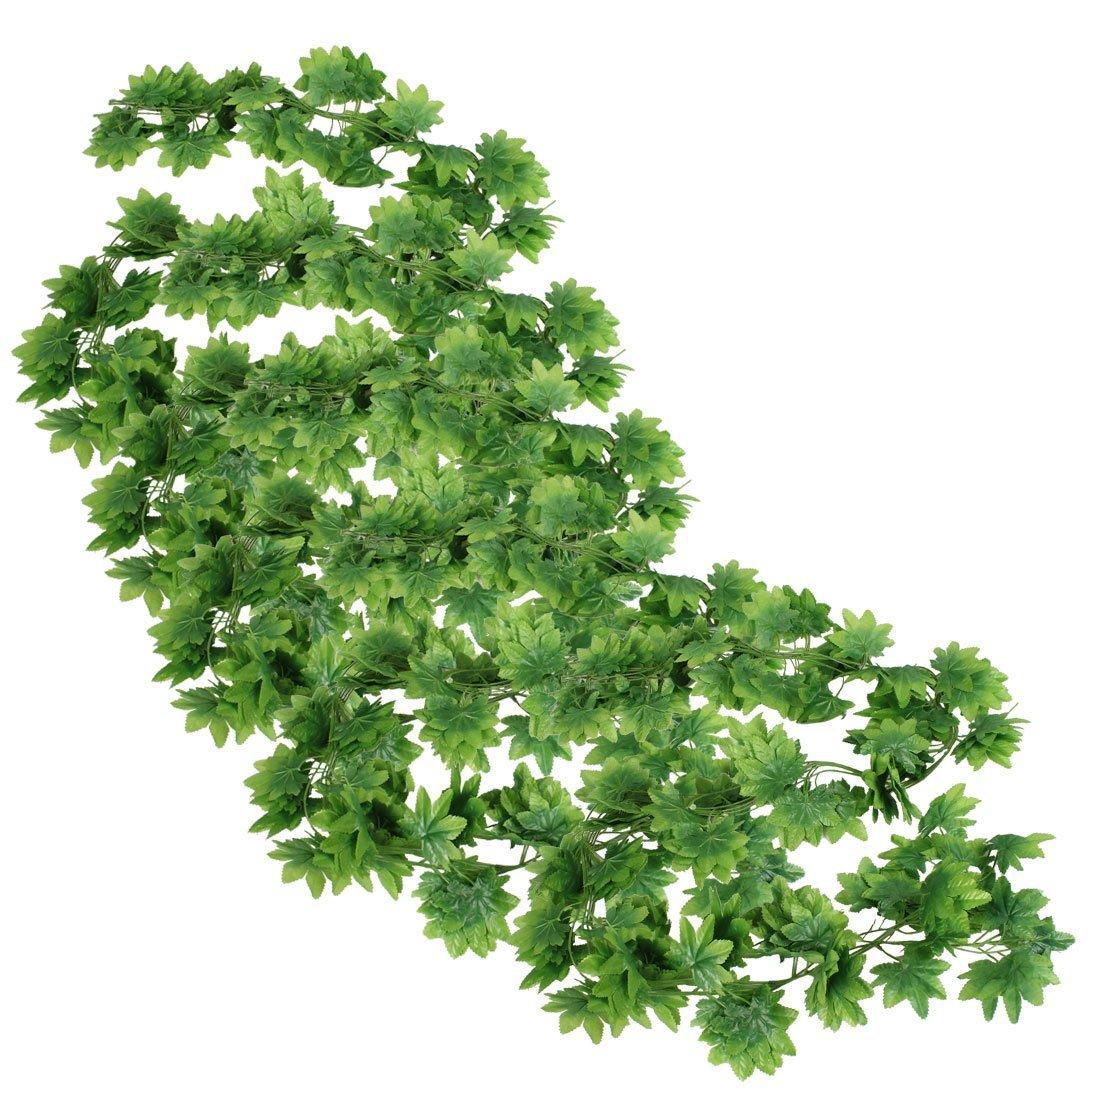 Гаджет  FJS! 5 Pcs Green Plastic Simulated Plant Leaf Wall Hanging Ornament 2M None Строительство и Недвижимость